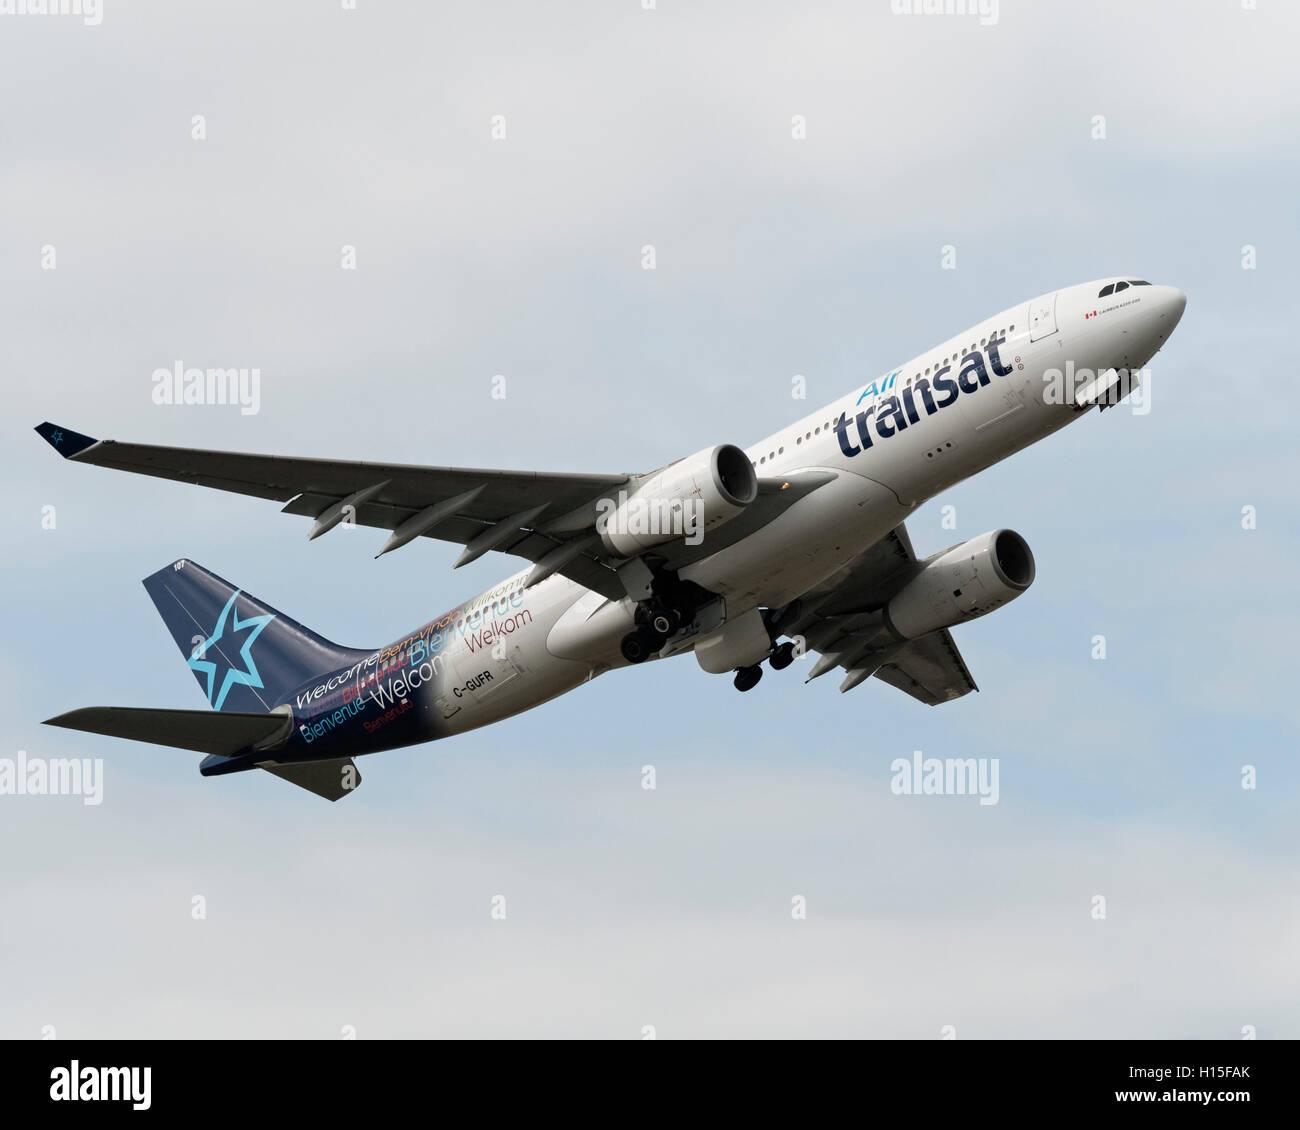 Air Transat Airbus A330-200 C-GUFR - Stock Image